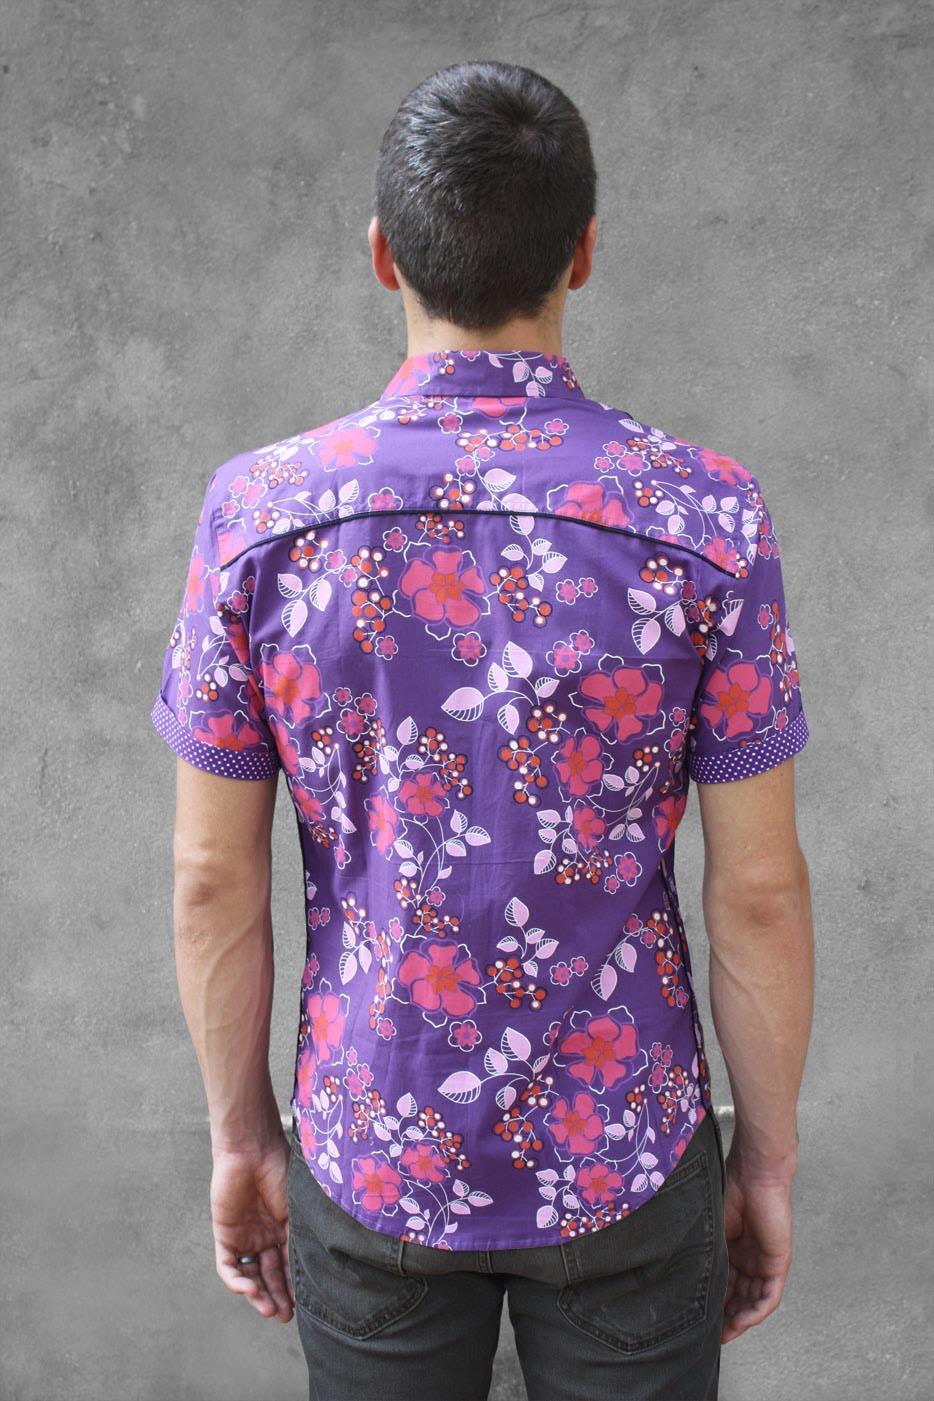 chemise a fleur manche courte violette ba sap. Black Bedroom Furniture Sets. Home Design Ideas